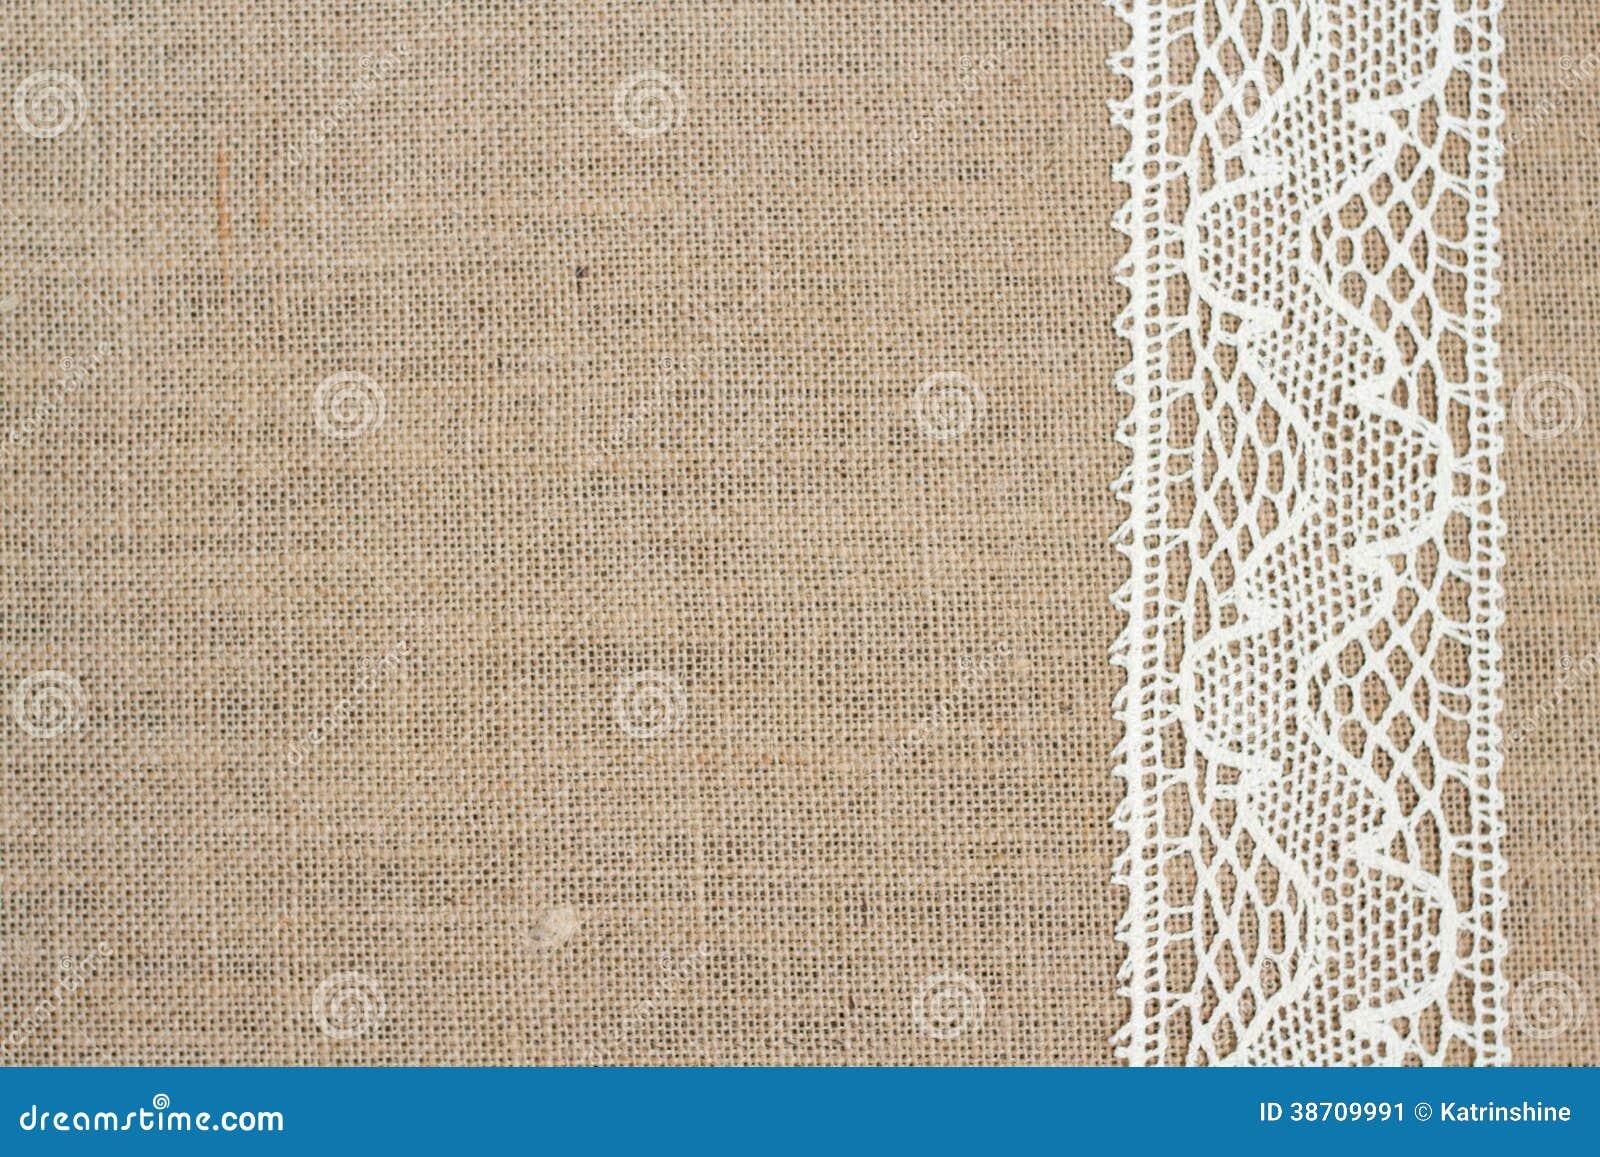 Fond de toile de jute image stock image du lacy campagne 38709991 - Toile de jute castorama ...